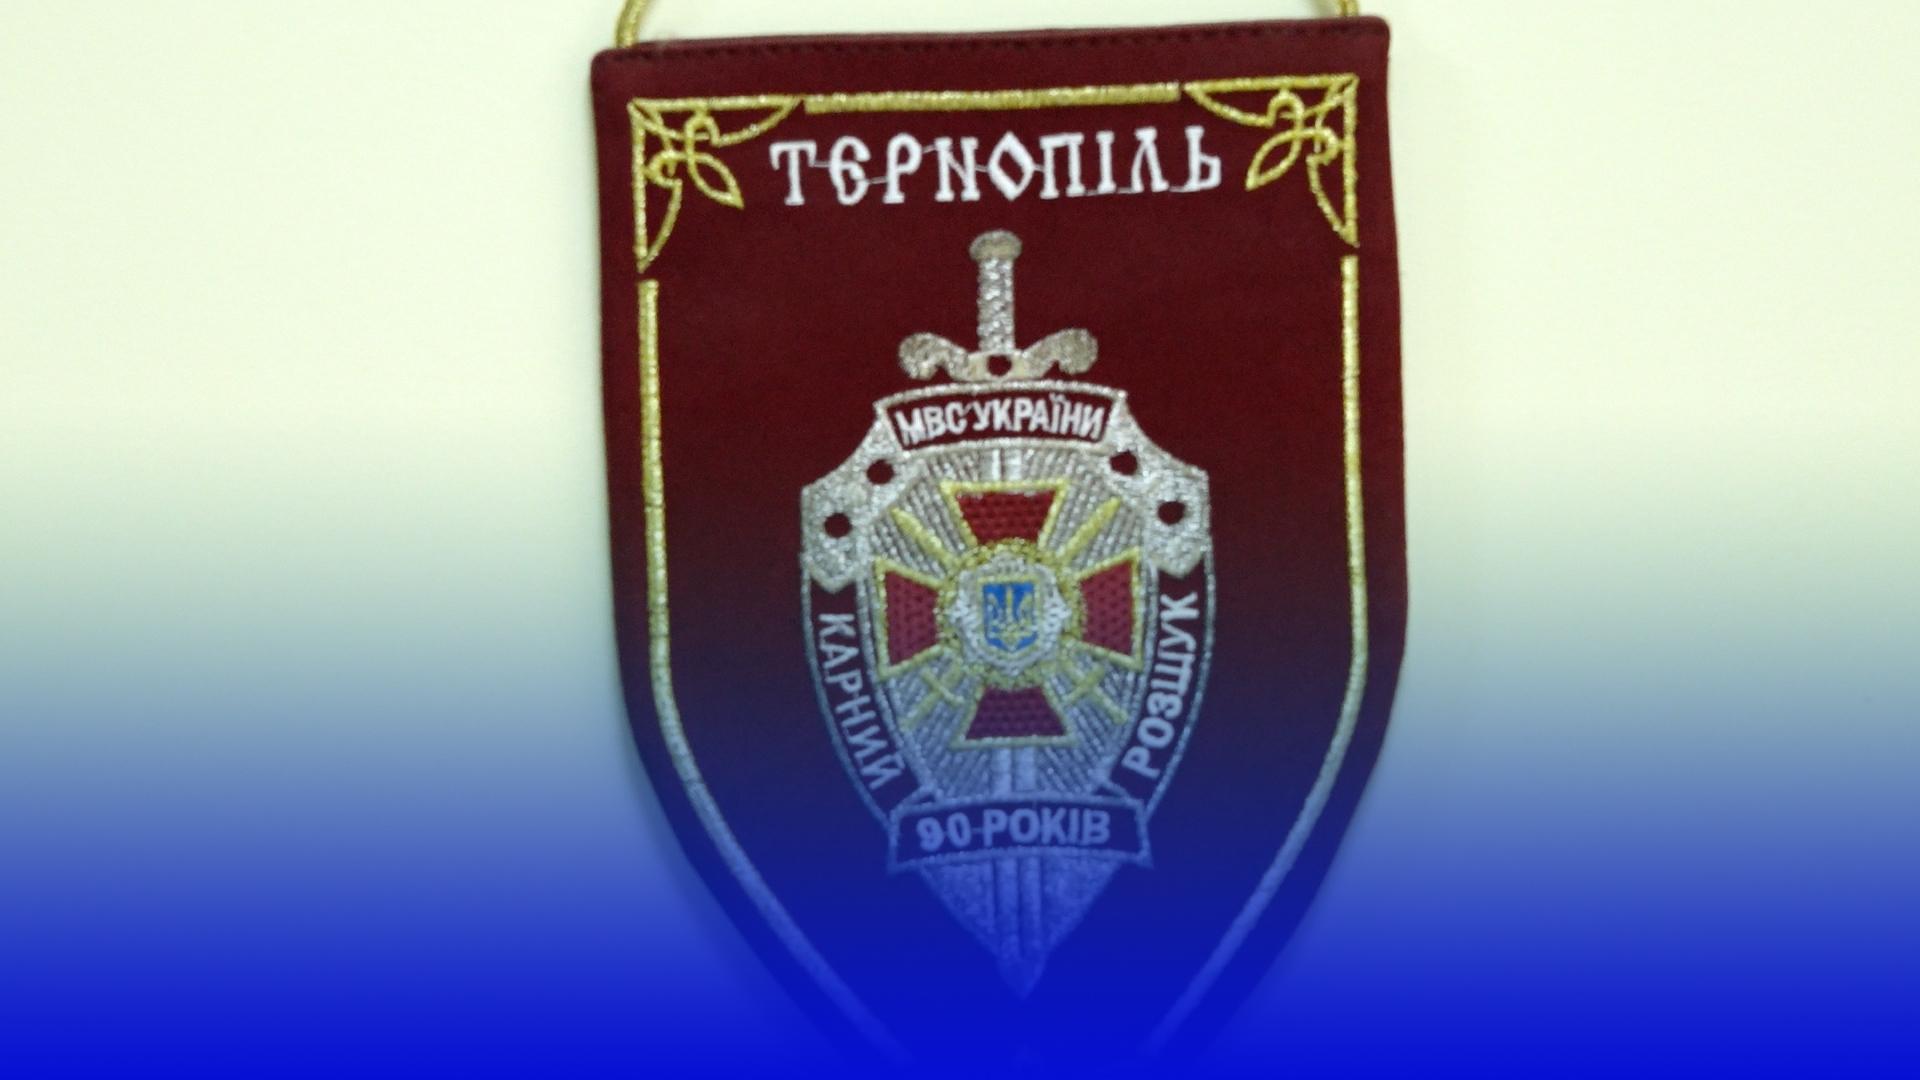 Небезпечне покликання і спосіб життя: 102 роки карного розшуку відзначають на Тернопіллі